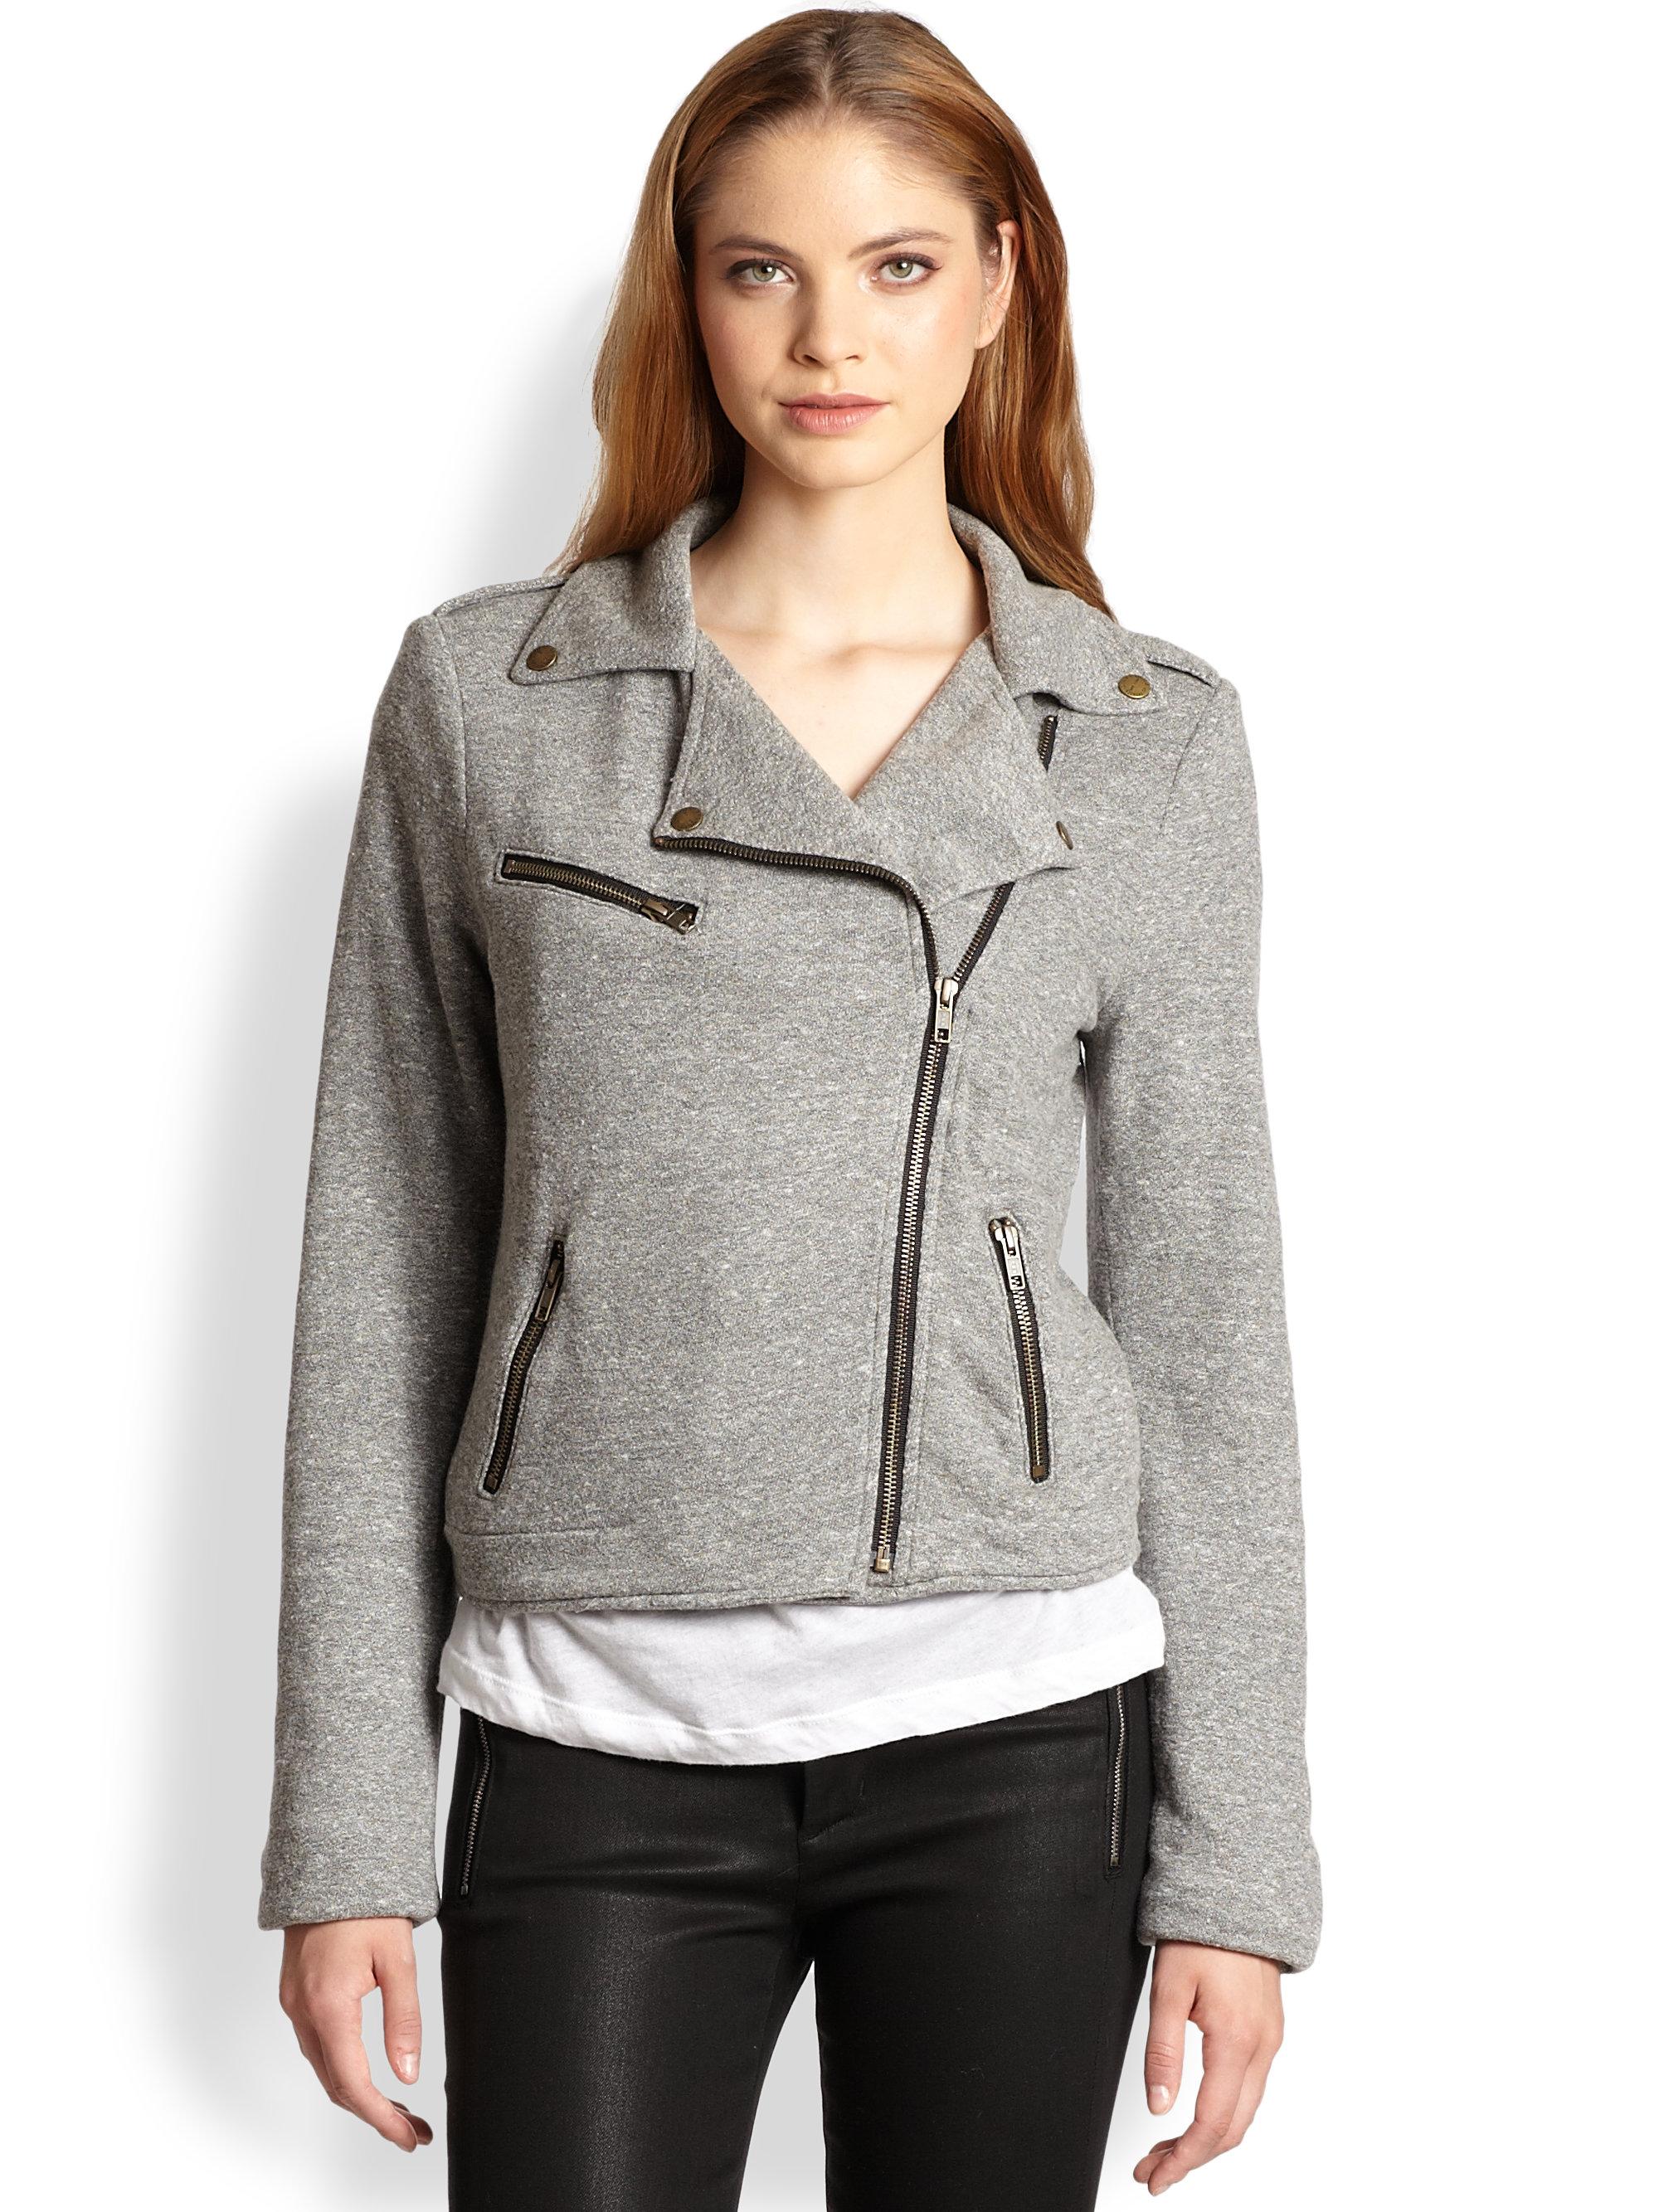 Jersey biker jacket womens